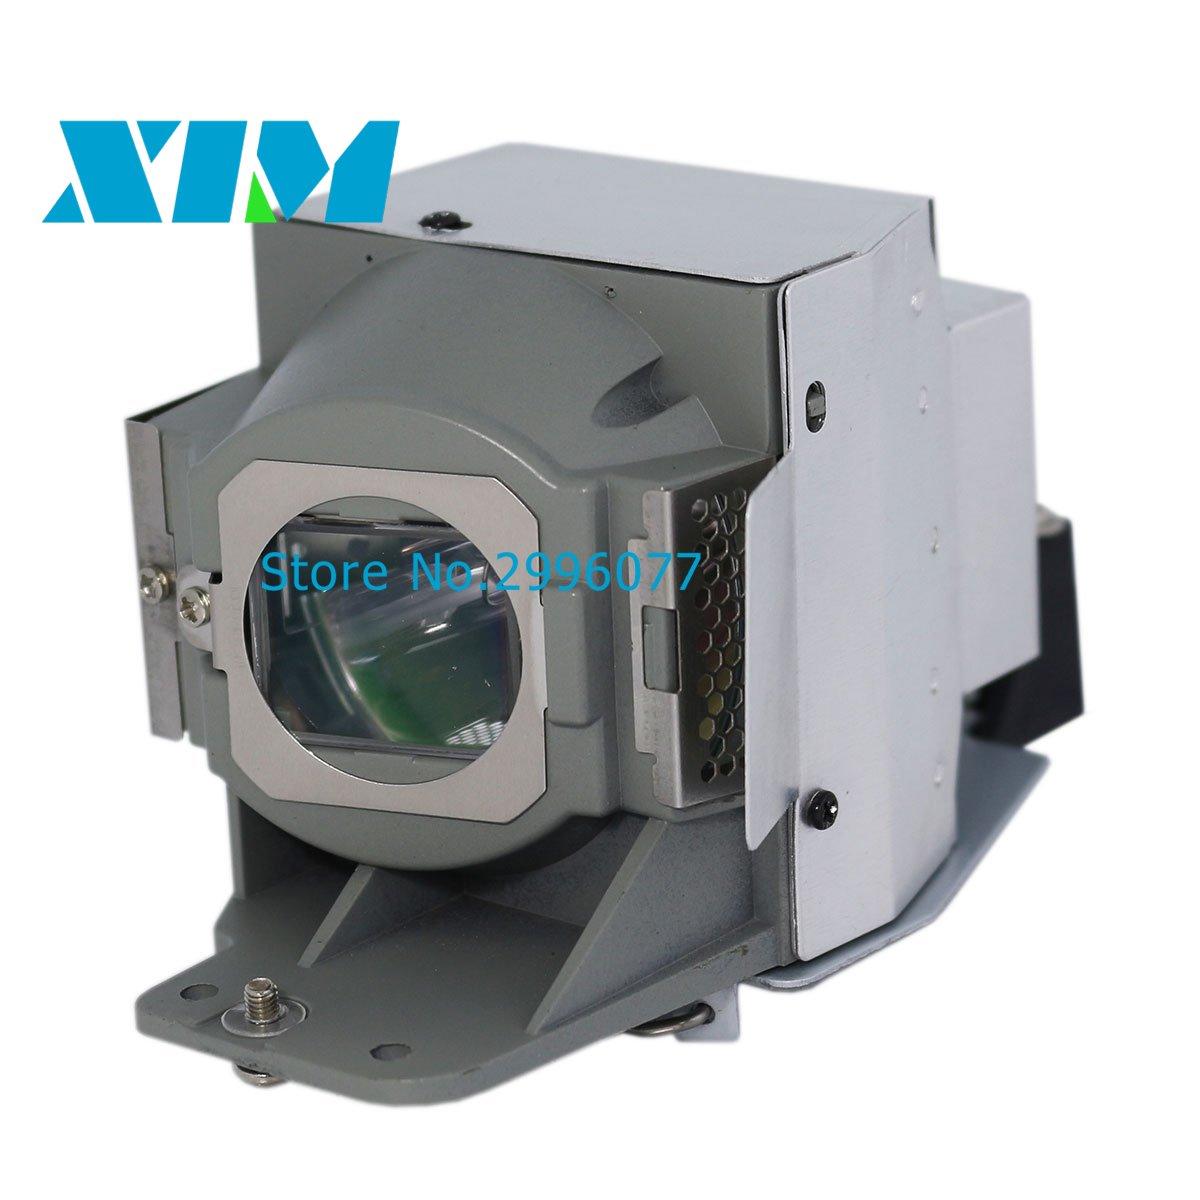 LV-LP38 Высококачественная лампа проектора с корпусом для LV-X320 / LV-X300 ST с гарантией 180 дней